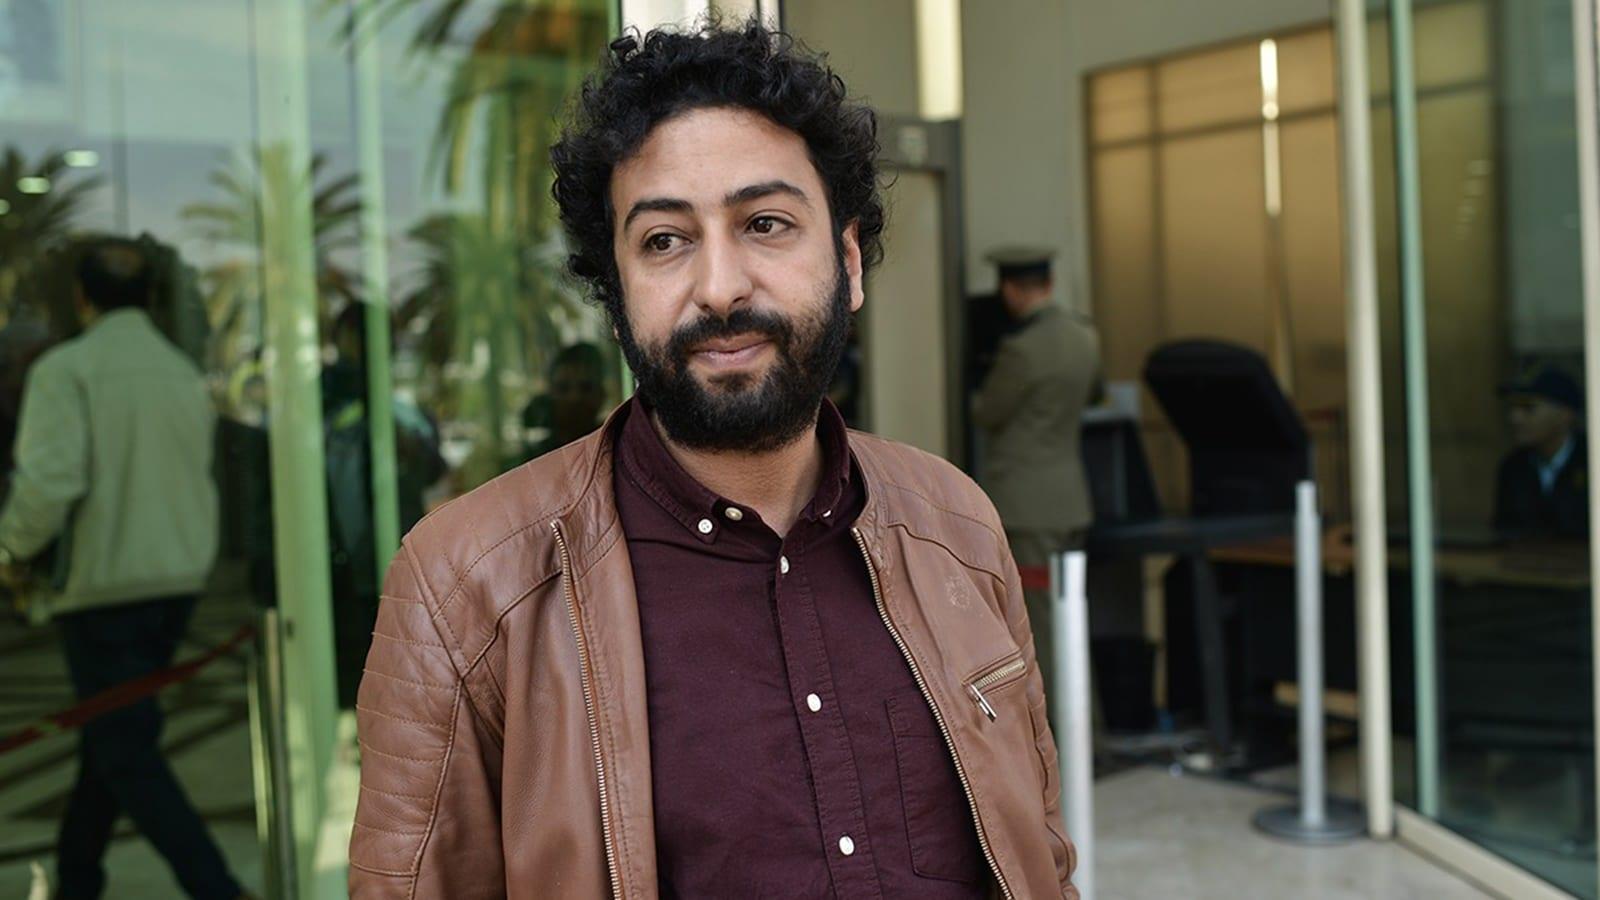 """محاكمة عمر الراضي في المغرب بتهمة الاعتداء الجنسي في جلسة مغلقة """"مراعاة لشرف"""" المدّعية"""